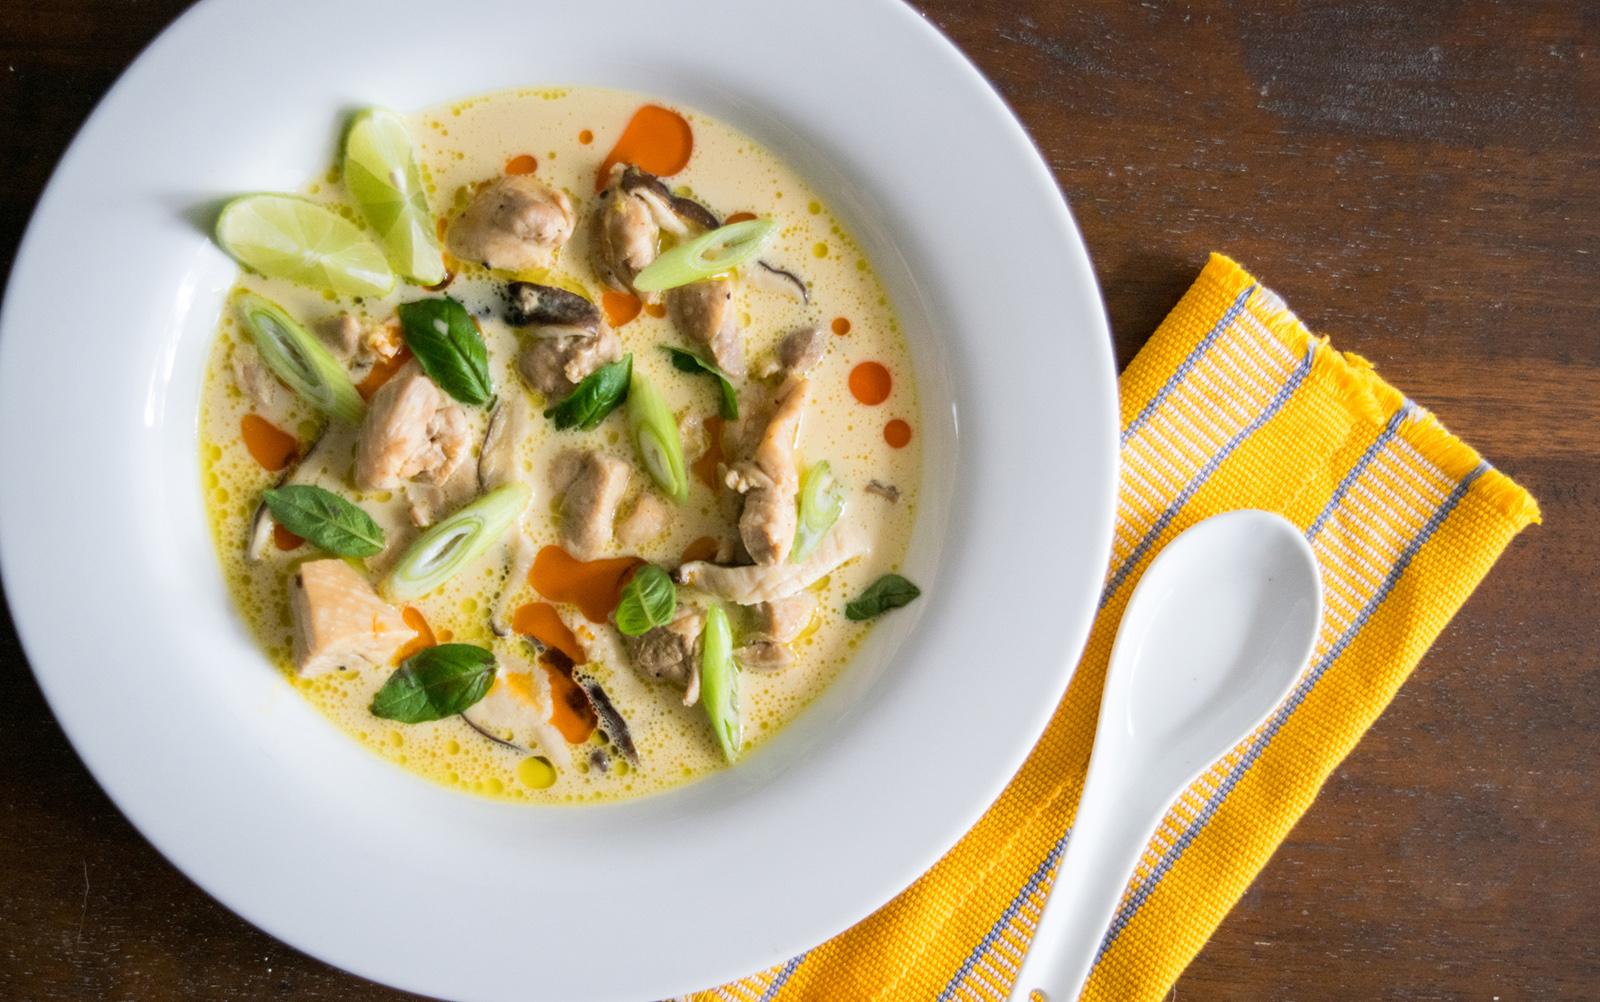 Tom-Kha-Gai-Thailand Food